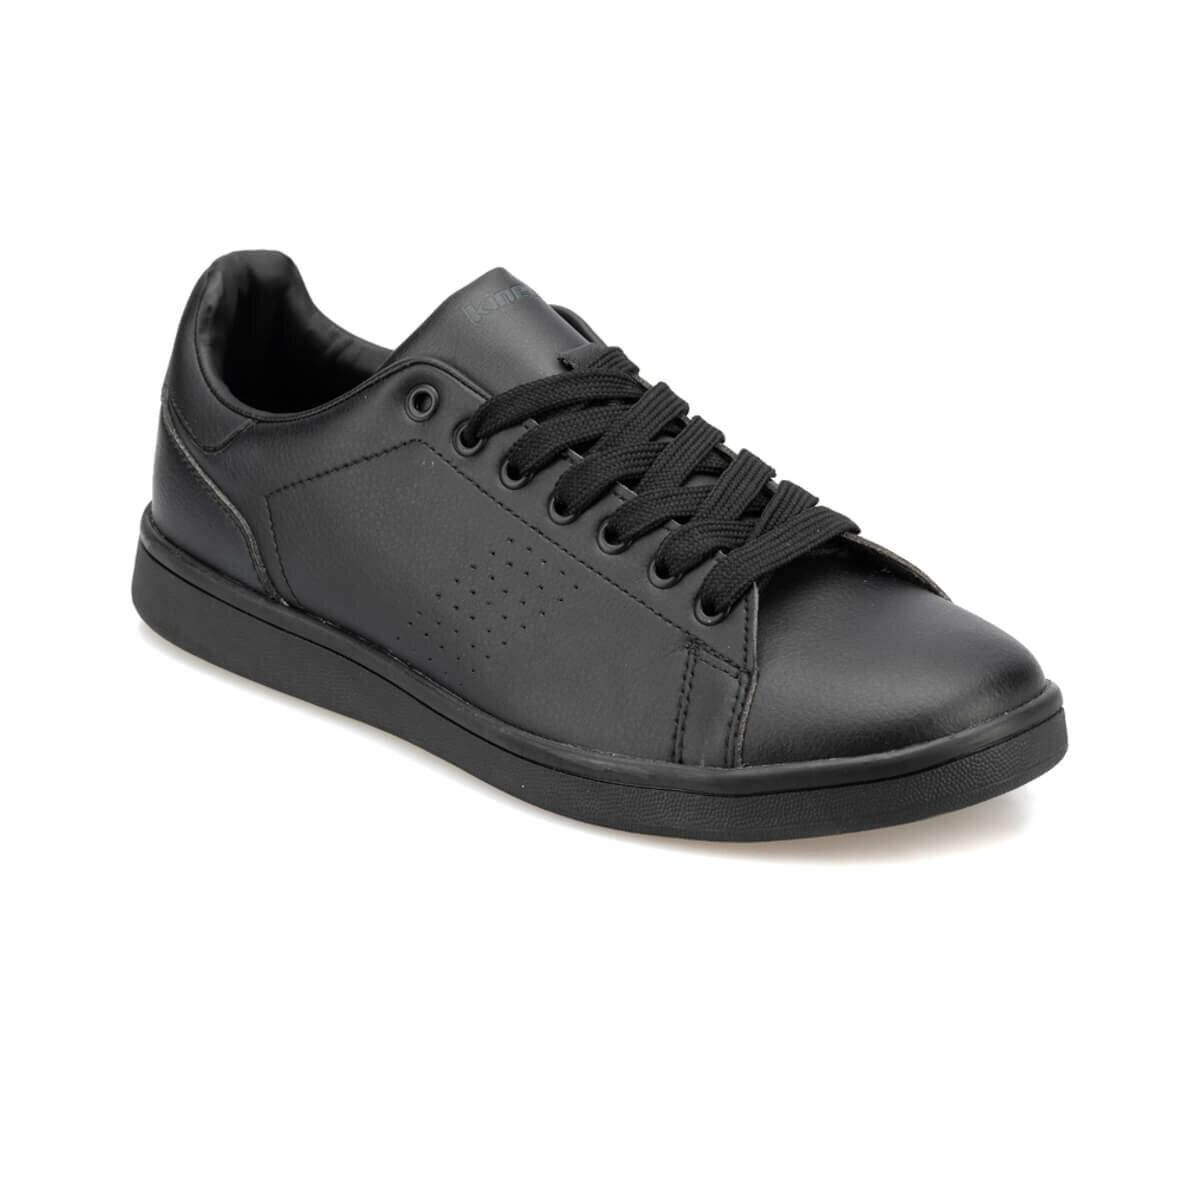 FLO Black White Shoes Men Sneakers Breathable Casual Male Walking Sport Shoes Мужские кроссовки PLAIN M 9PR KINETIX